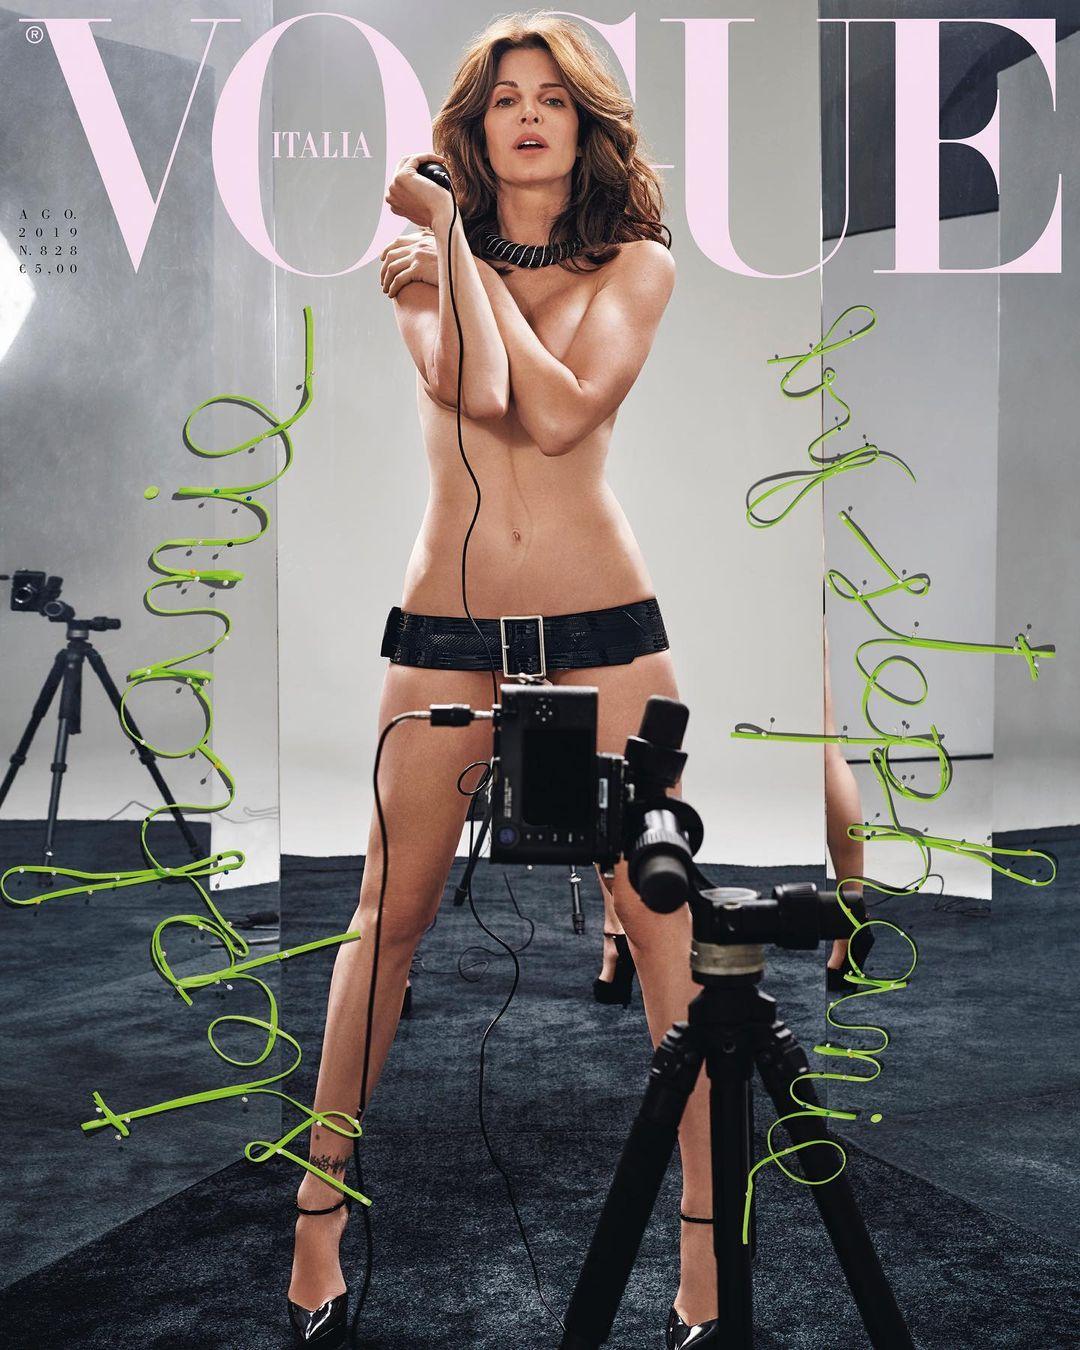 Vợ tỷ phú giày dép tuổi ngũ tuần vẫn tự tin nude trên bìa tạp chí - hình ảnh 1